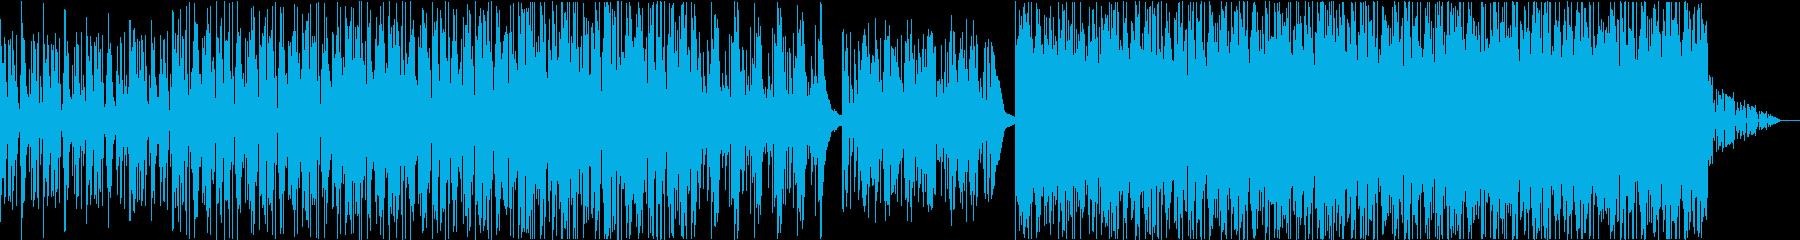 おしゃれなコードとブレイクビーツの再生済みの波形